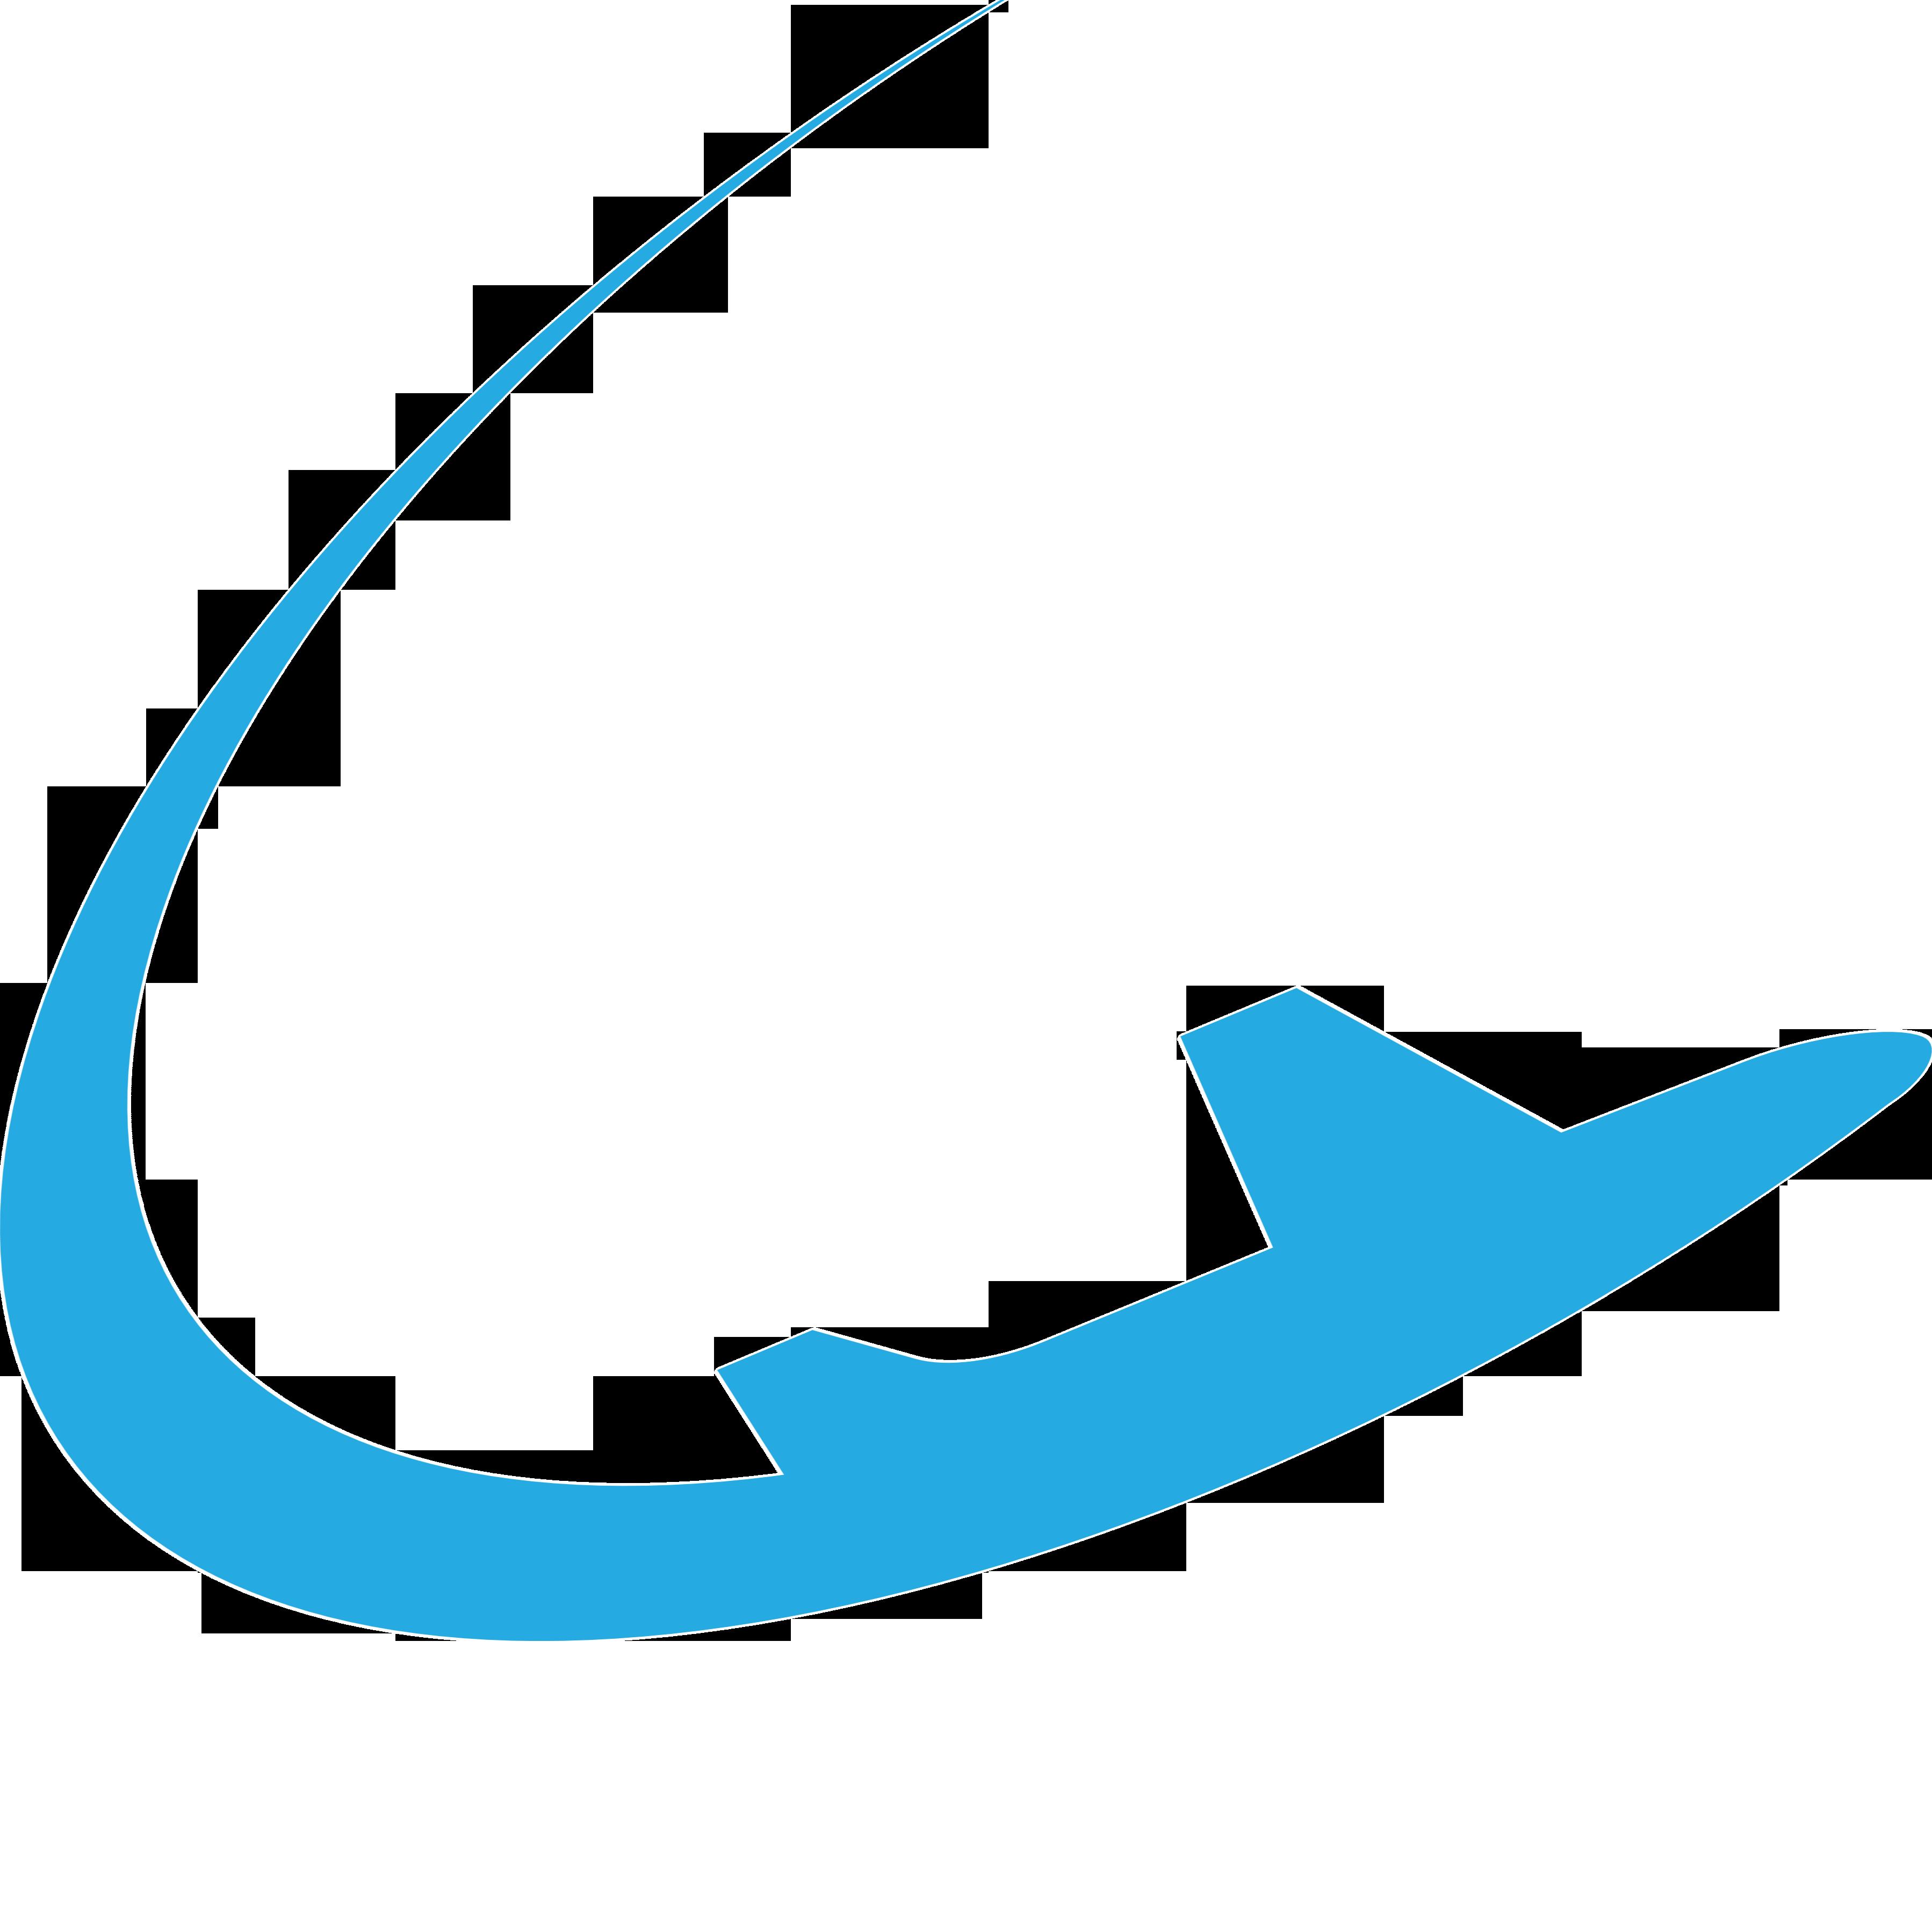 Flying clipart flight logo, Flying flight logo Transparent.